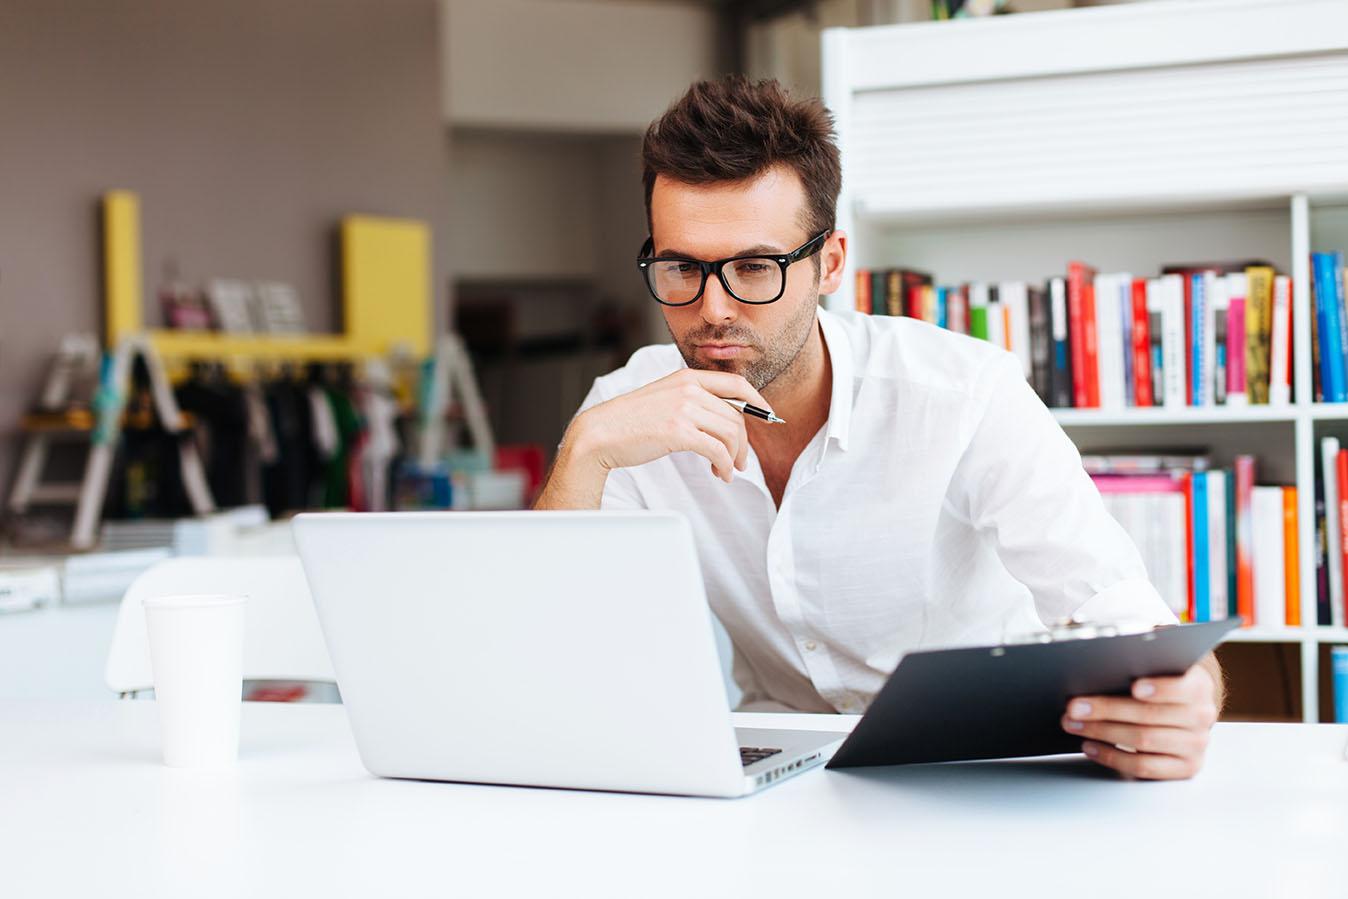 man computer - Veja os 7 Erros Mais Comuns Cometidos na Declaração de Imposto de Renda